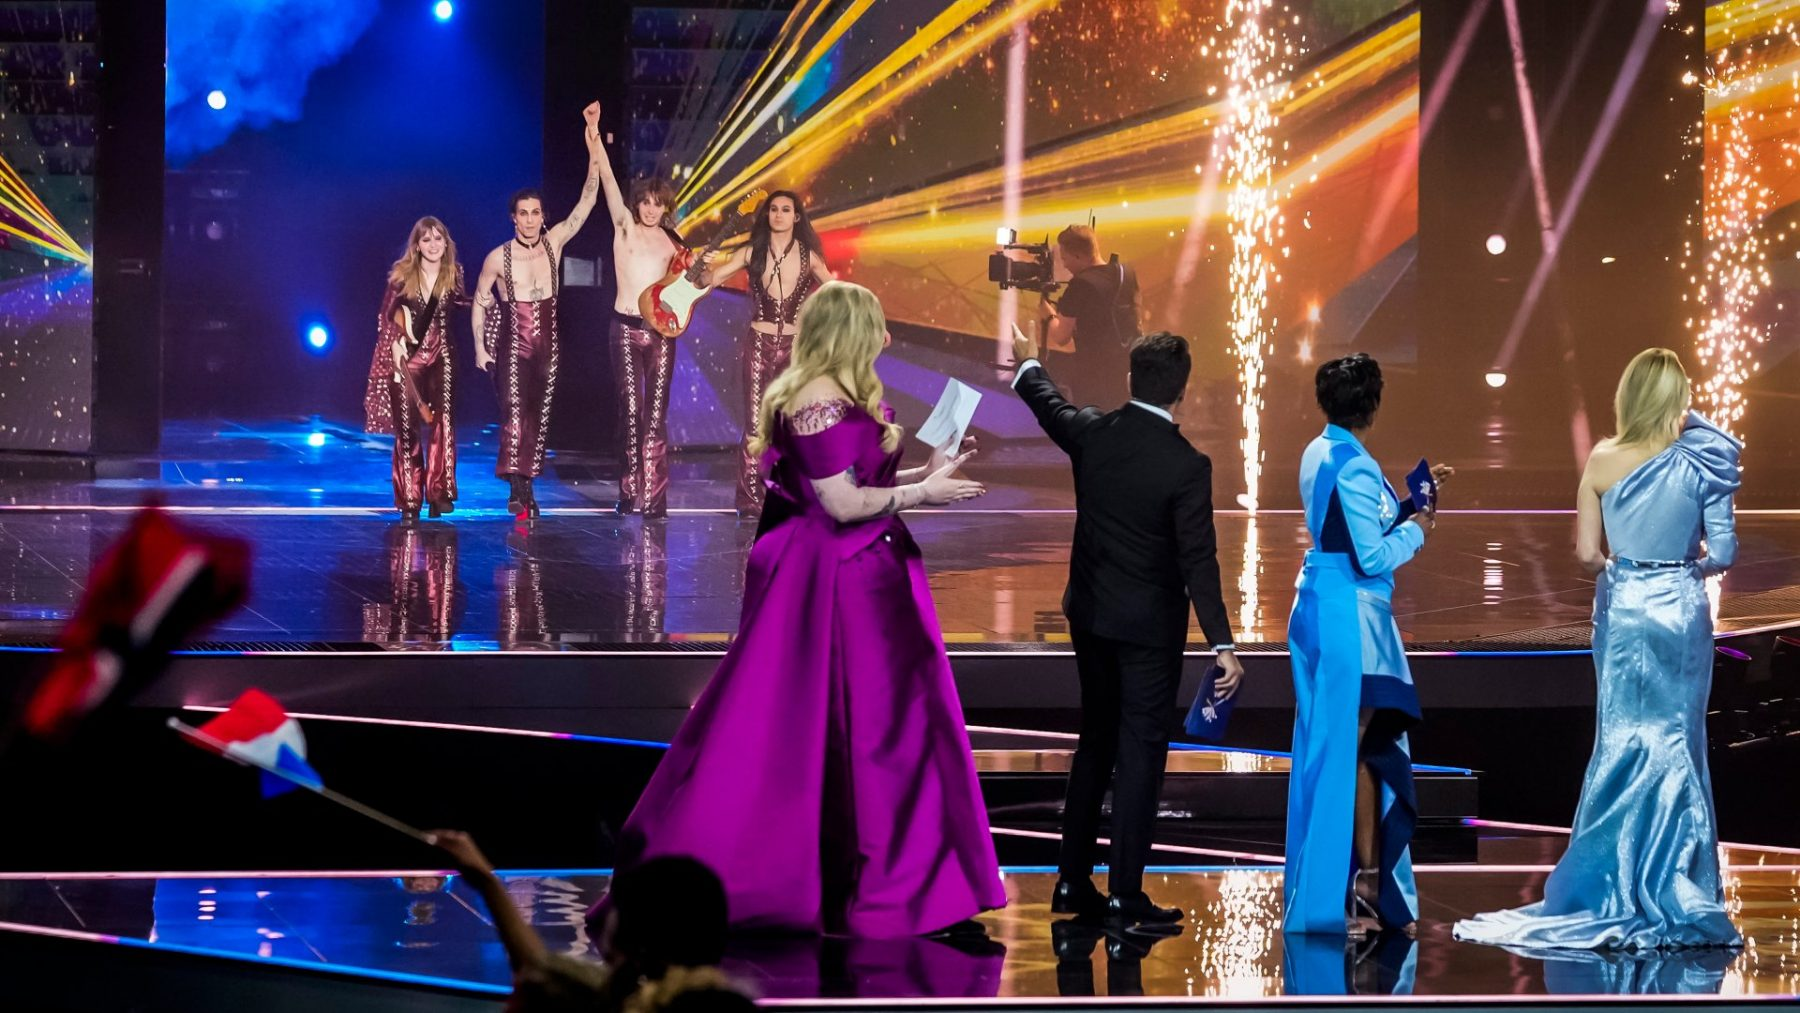 Redacteur Ellen ging 'blind' naar finale Songfestival: 'Echt, ik moet een week bijkomen'